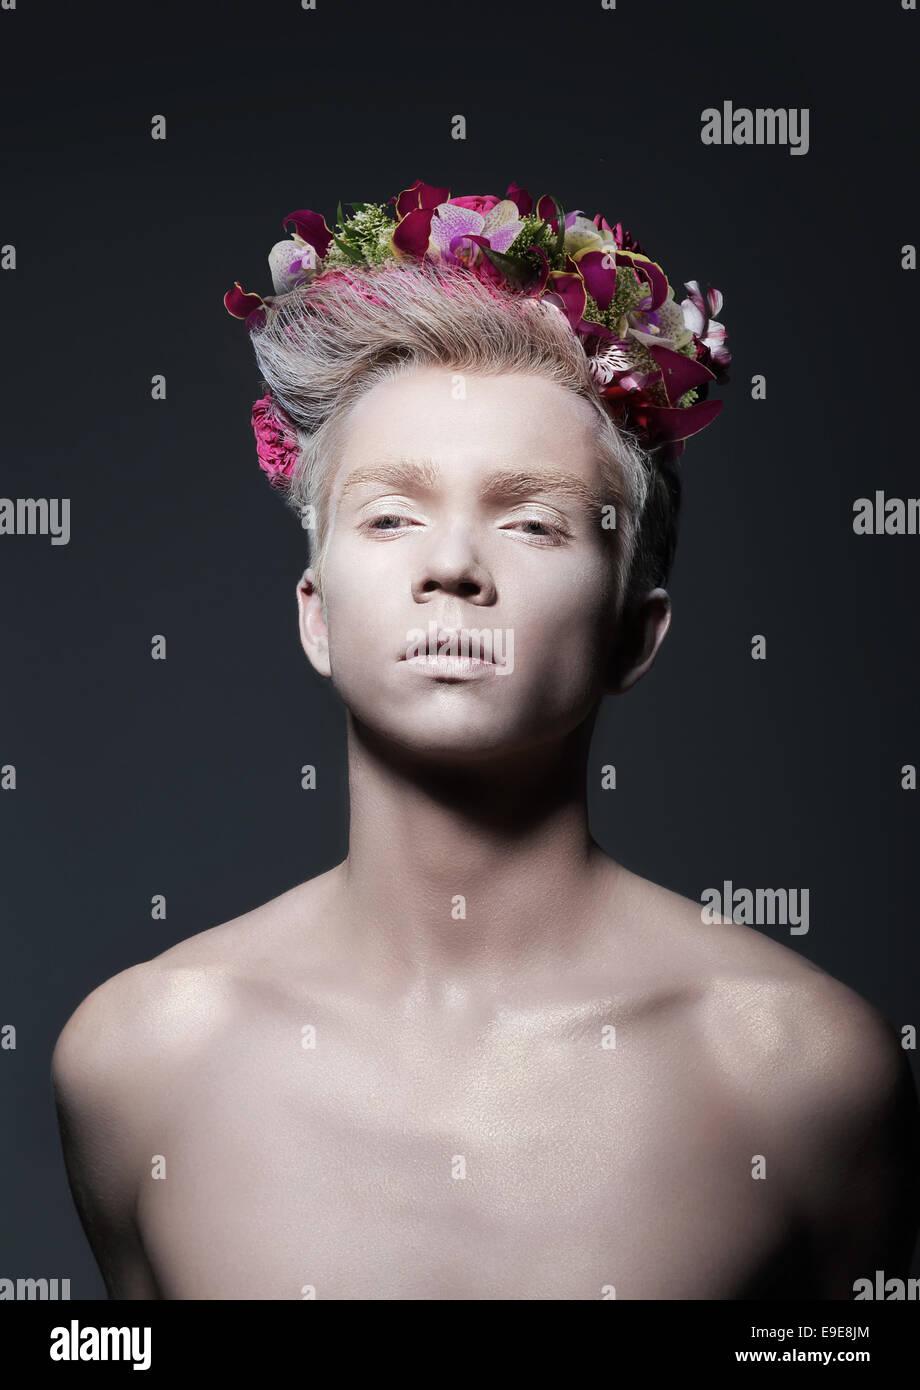 Schönheit. Junger Mann mit Kranz aus Blumen in grau Stockfoto